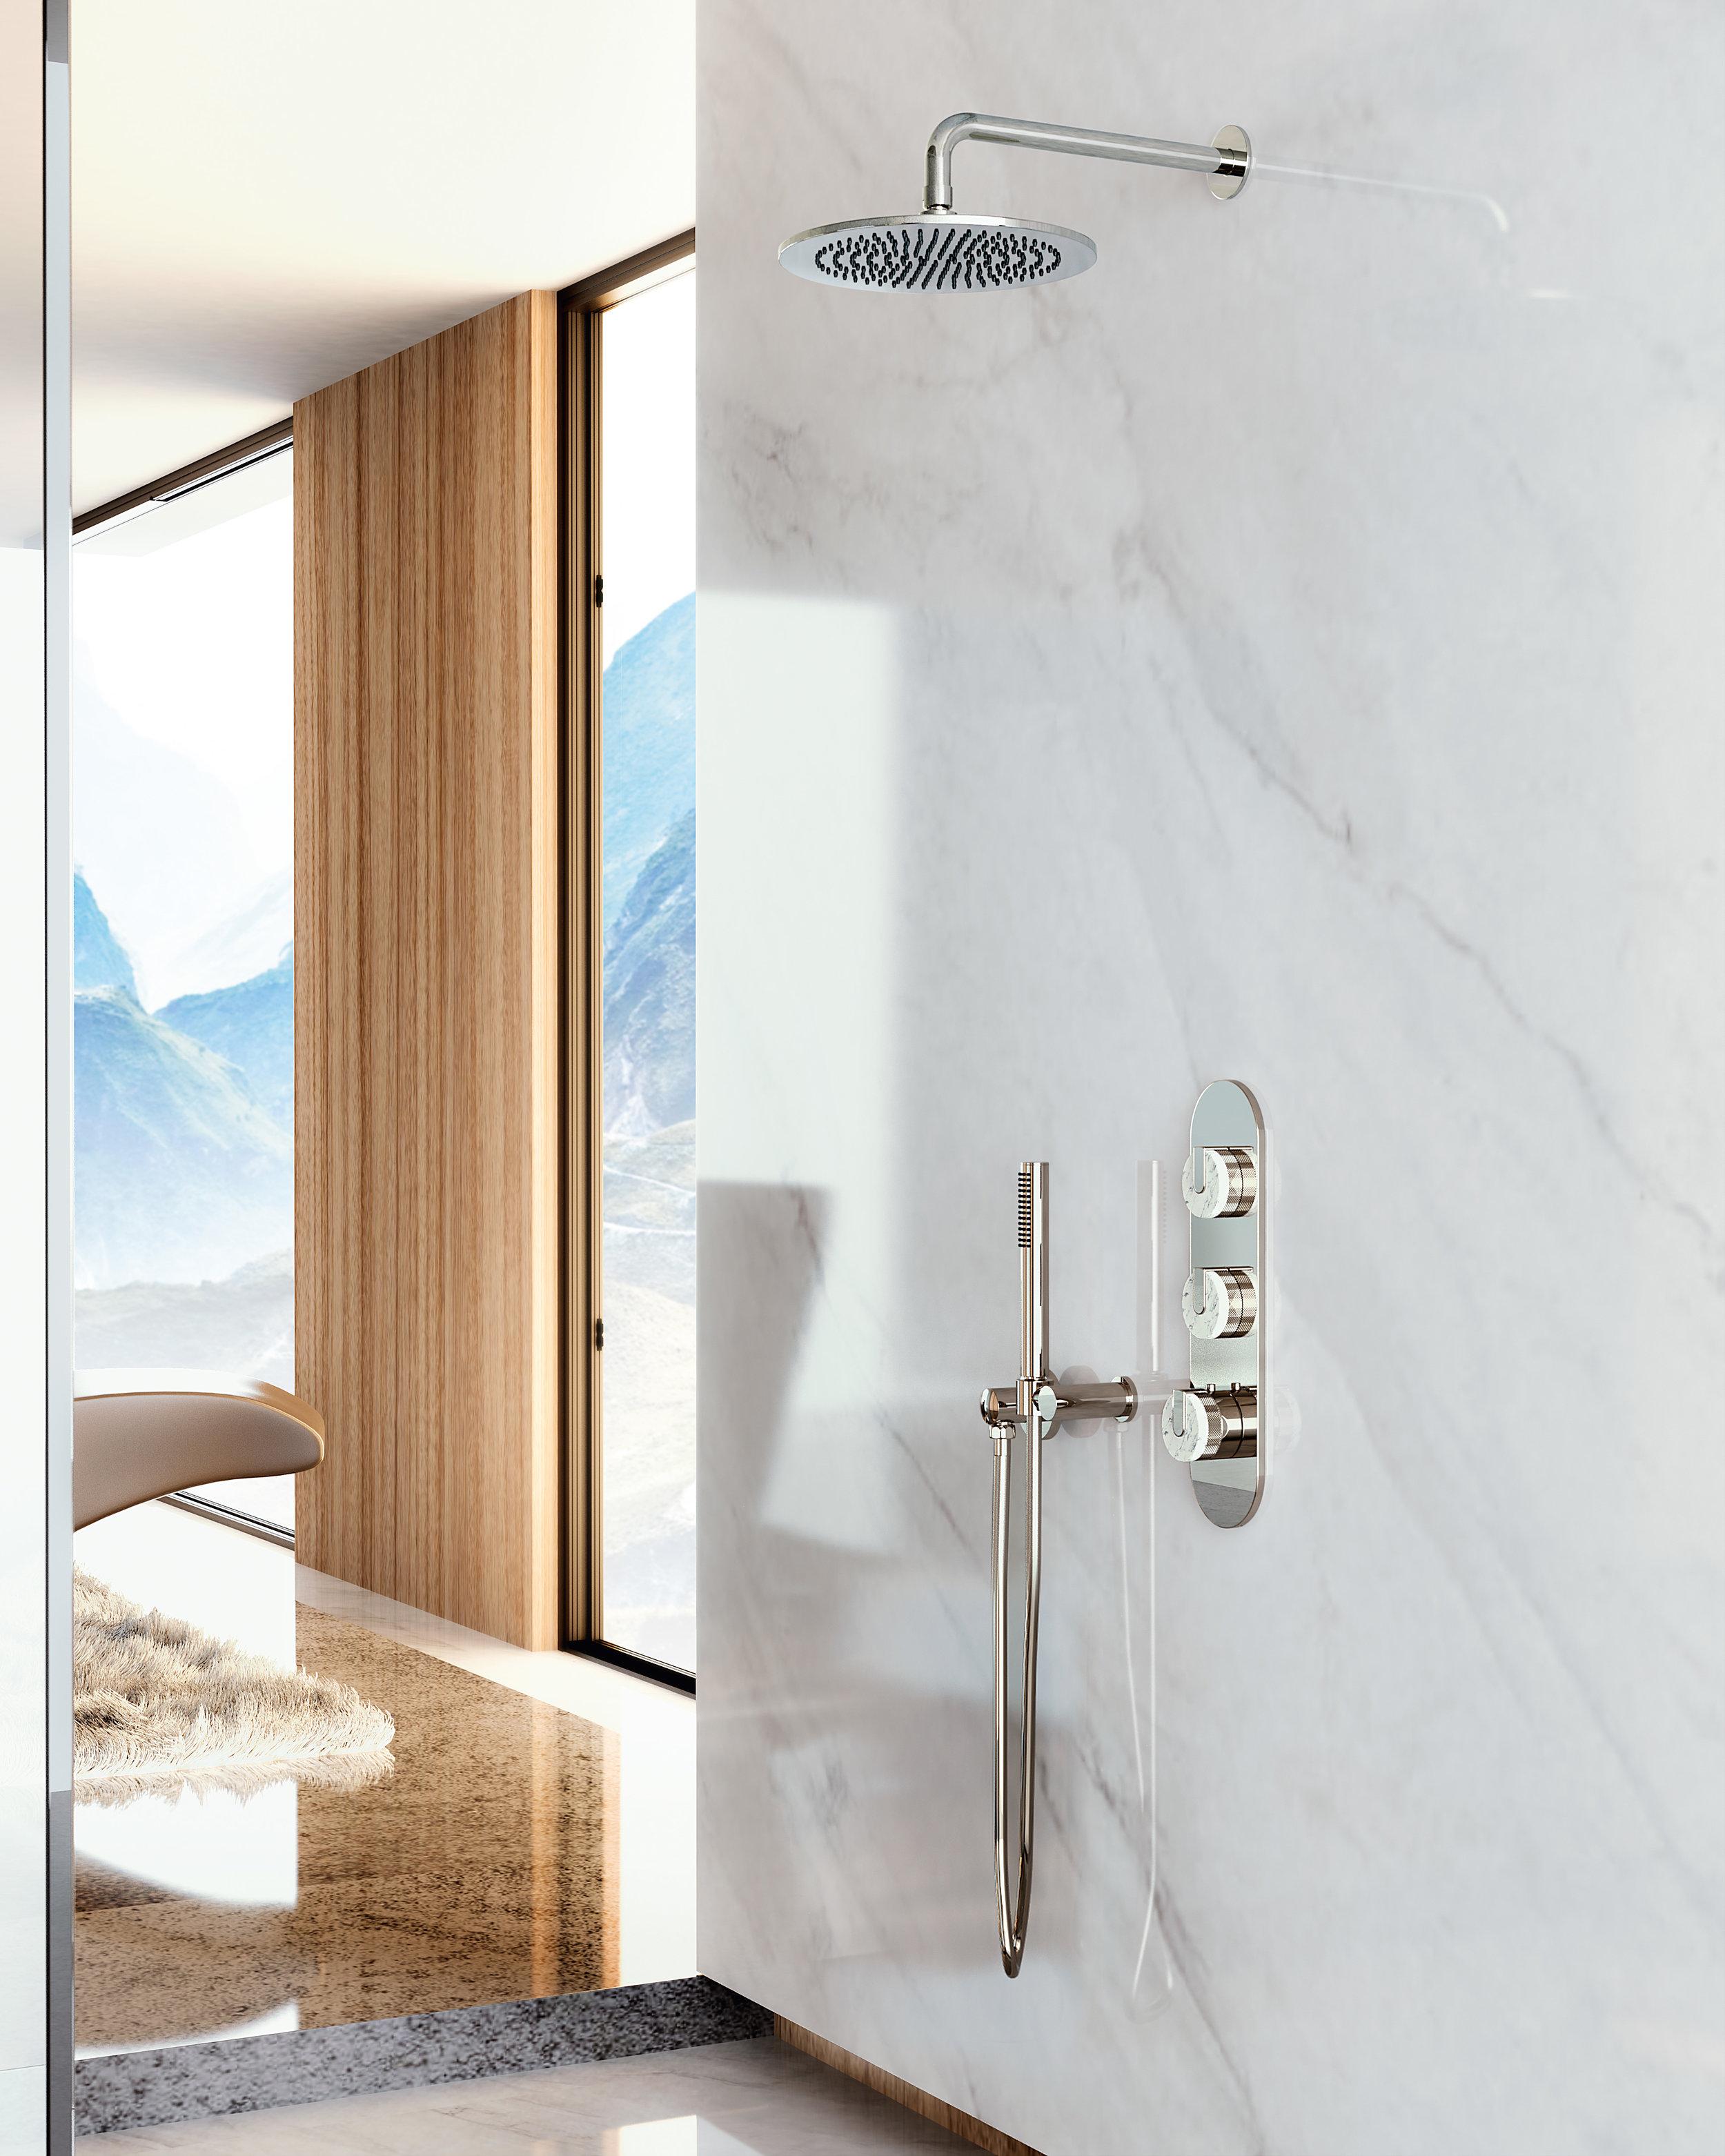 mod shower closeup 1.jpg